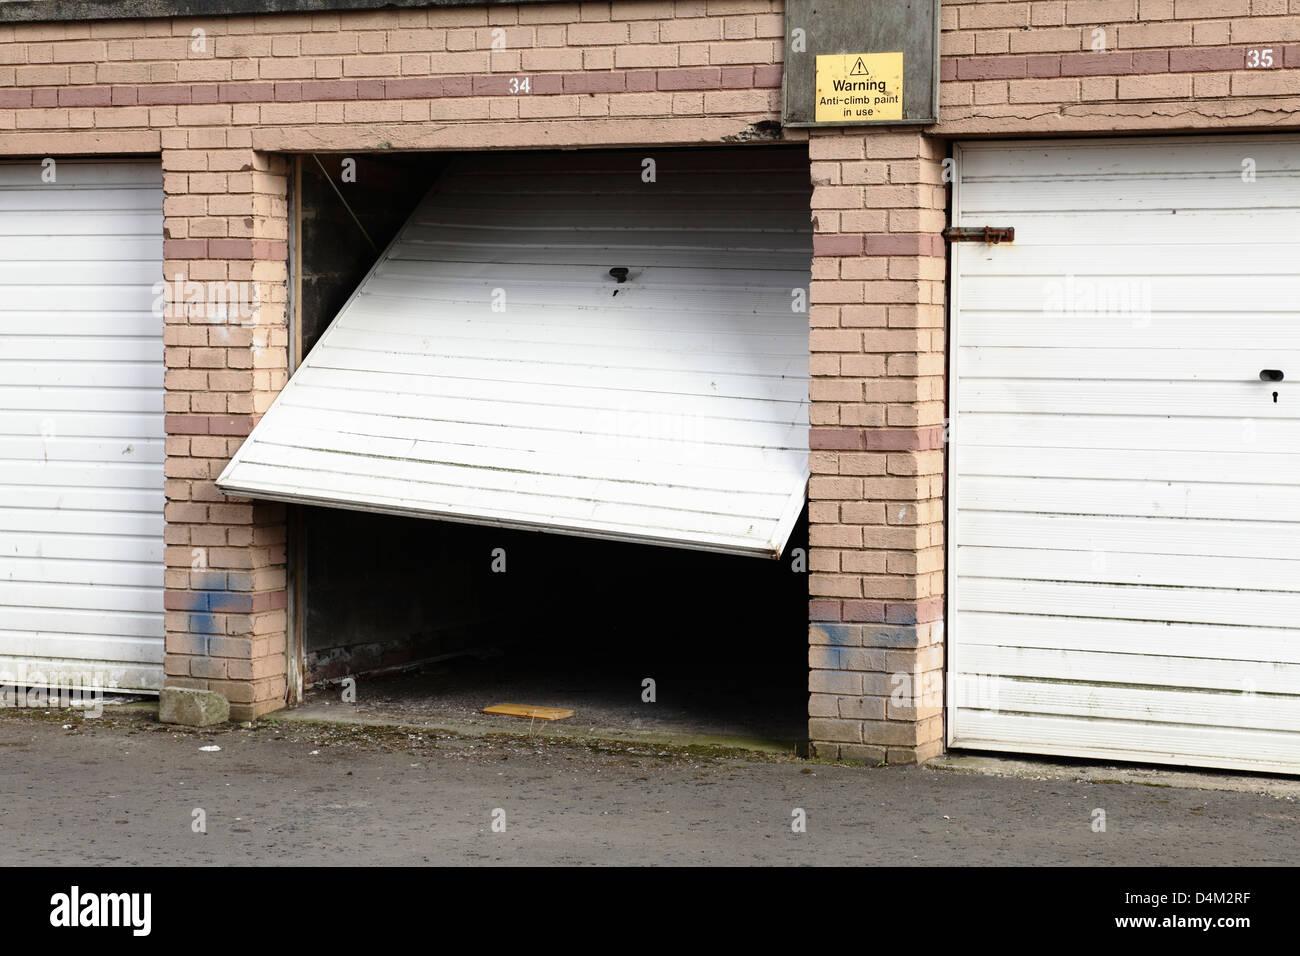 Un verrouillage de porte de garage avec une fracture, UK Photo Stock